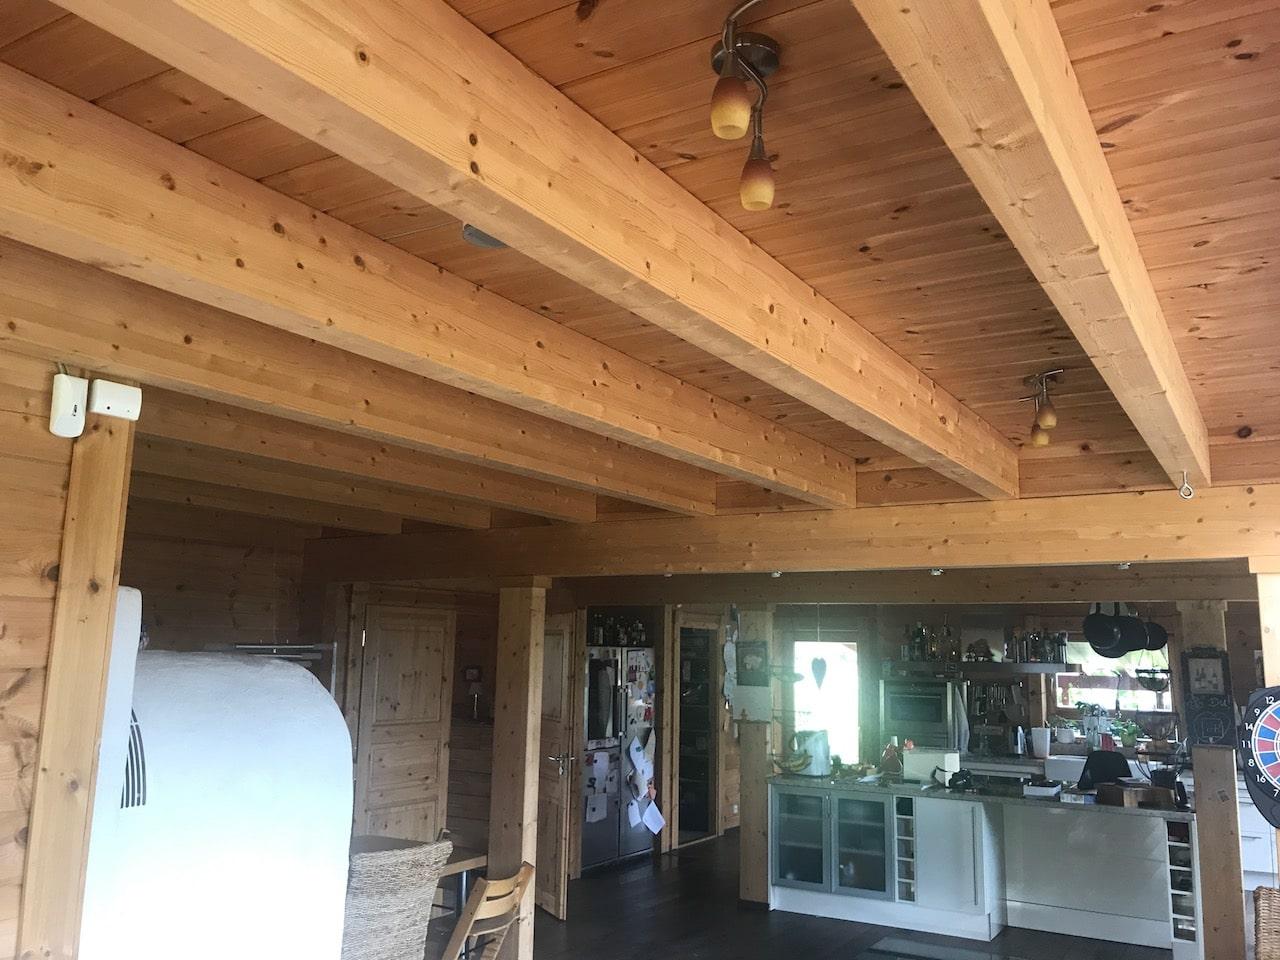 Beleuchtung in Deckenbalken im Holzhaus